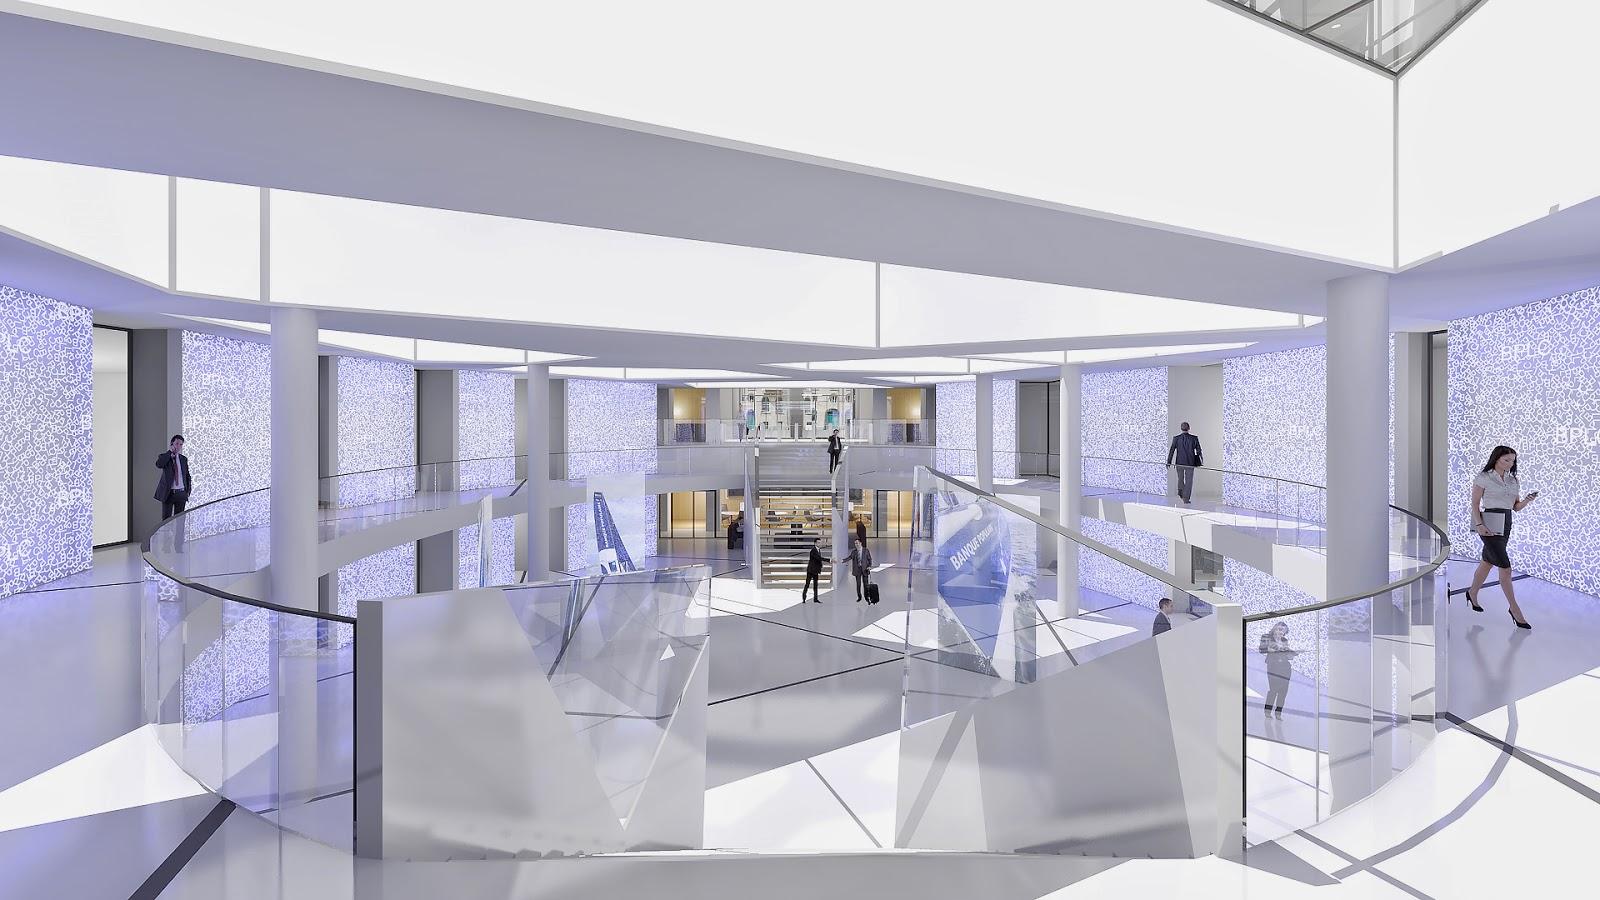 agence d 39 architecture int rieure parallel paris nouveau siege de la bpalc. Black Bedroom Furniture Sets. Home Design Ideas